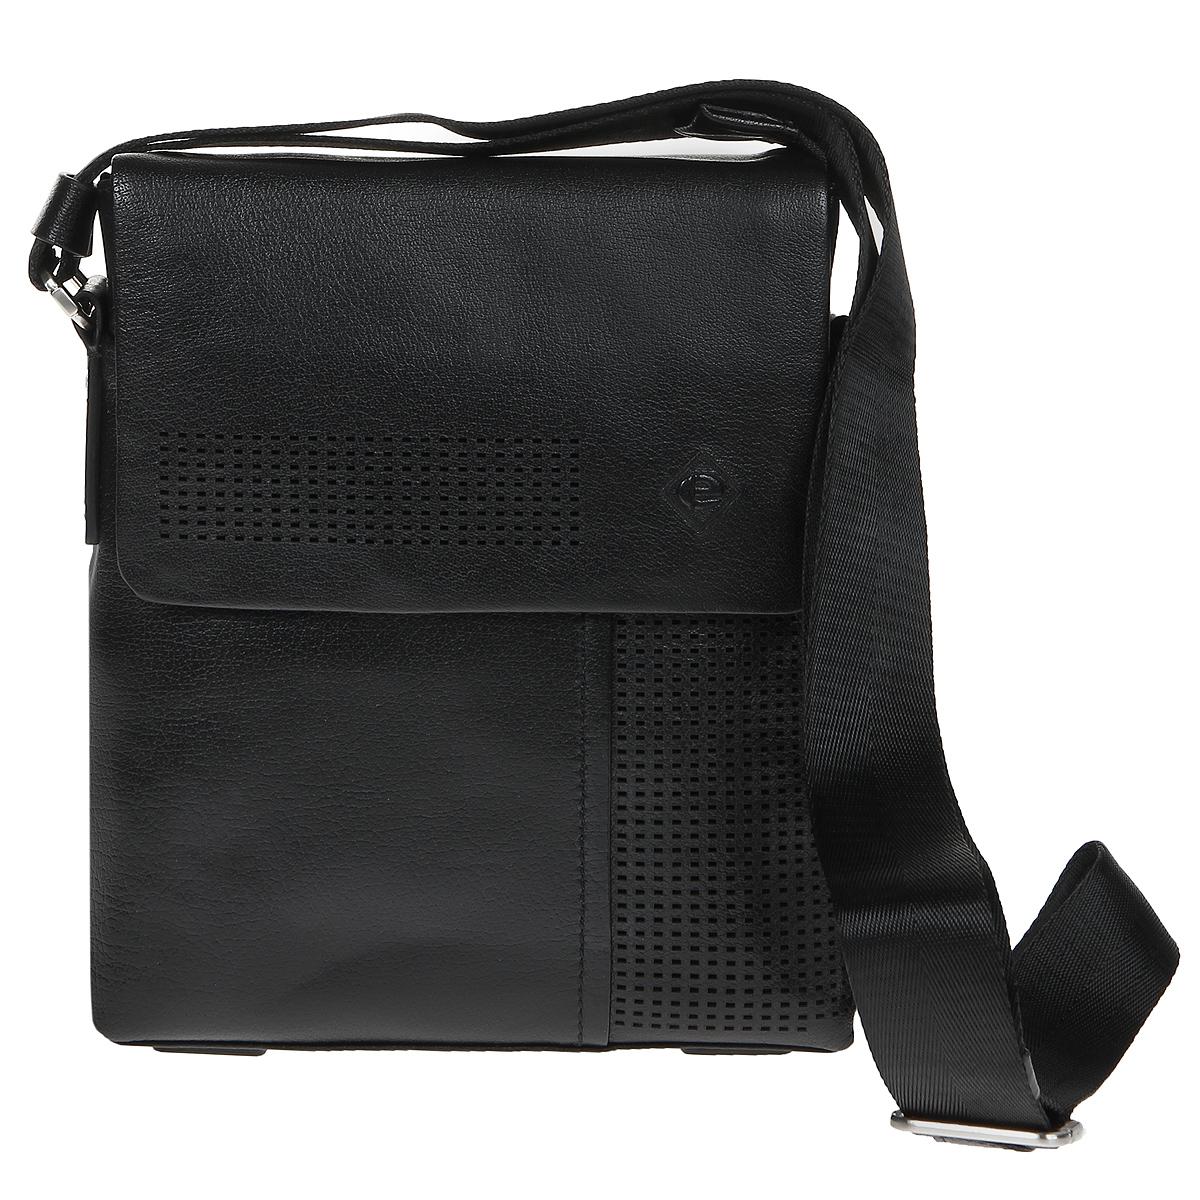 Сумка мужская Edmins, цвет: черный. 1322А-3 BL black1322А-3 BL blackСтильная мужская сумка Edmins выполнена из высококачественной натуральной кожи черного цвета. Сумка с удобным регулируемым плечевым ремнем, застегивается на застежку-молнию и дополнительно клапаном на магнитные кнопки. Внутри - одно вместительное отделение, вшитый карман на молнии, открытый карман, два кармашка для мобильного телефона и мелочей, два кармашка для пишущих принадлежностей. Под клапаном расположен открытый карман. На задней стороне так же расположен вшитый карман на молнии. Такая сумка станет идеальным дополнением к вашему образу!